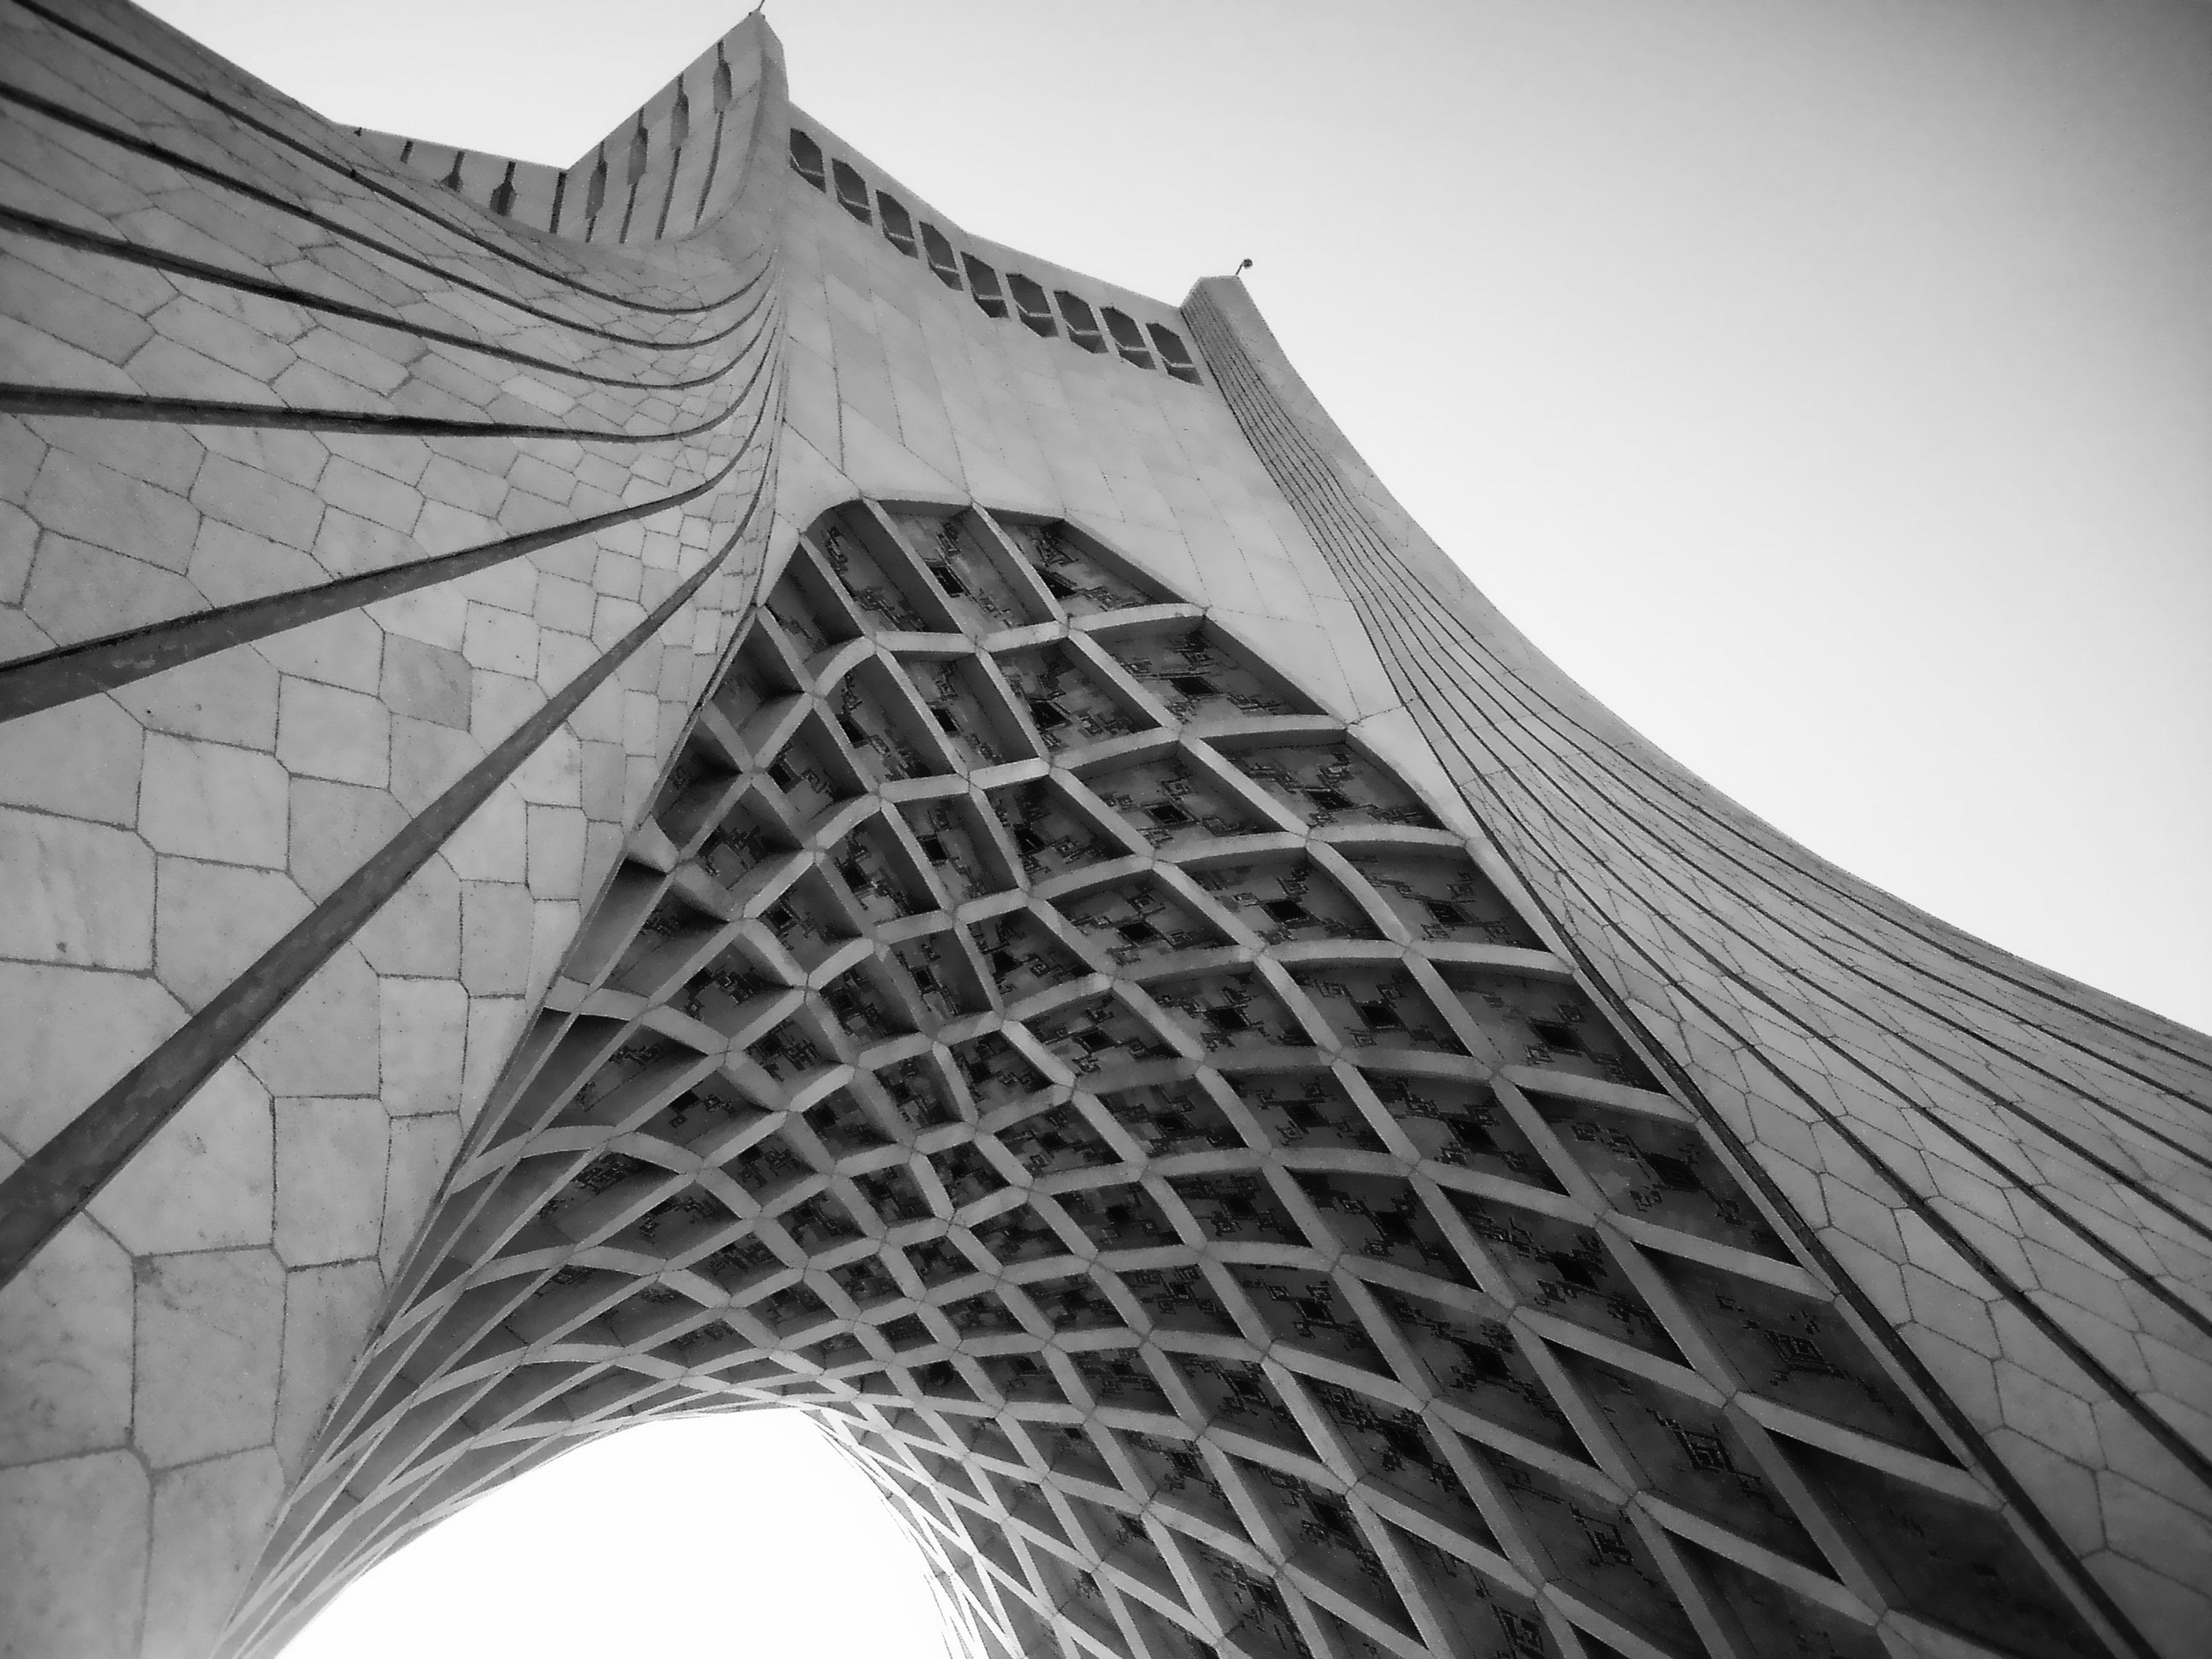 دانلود پروژه رایگان اتوکد برج آزادی